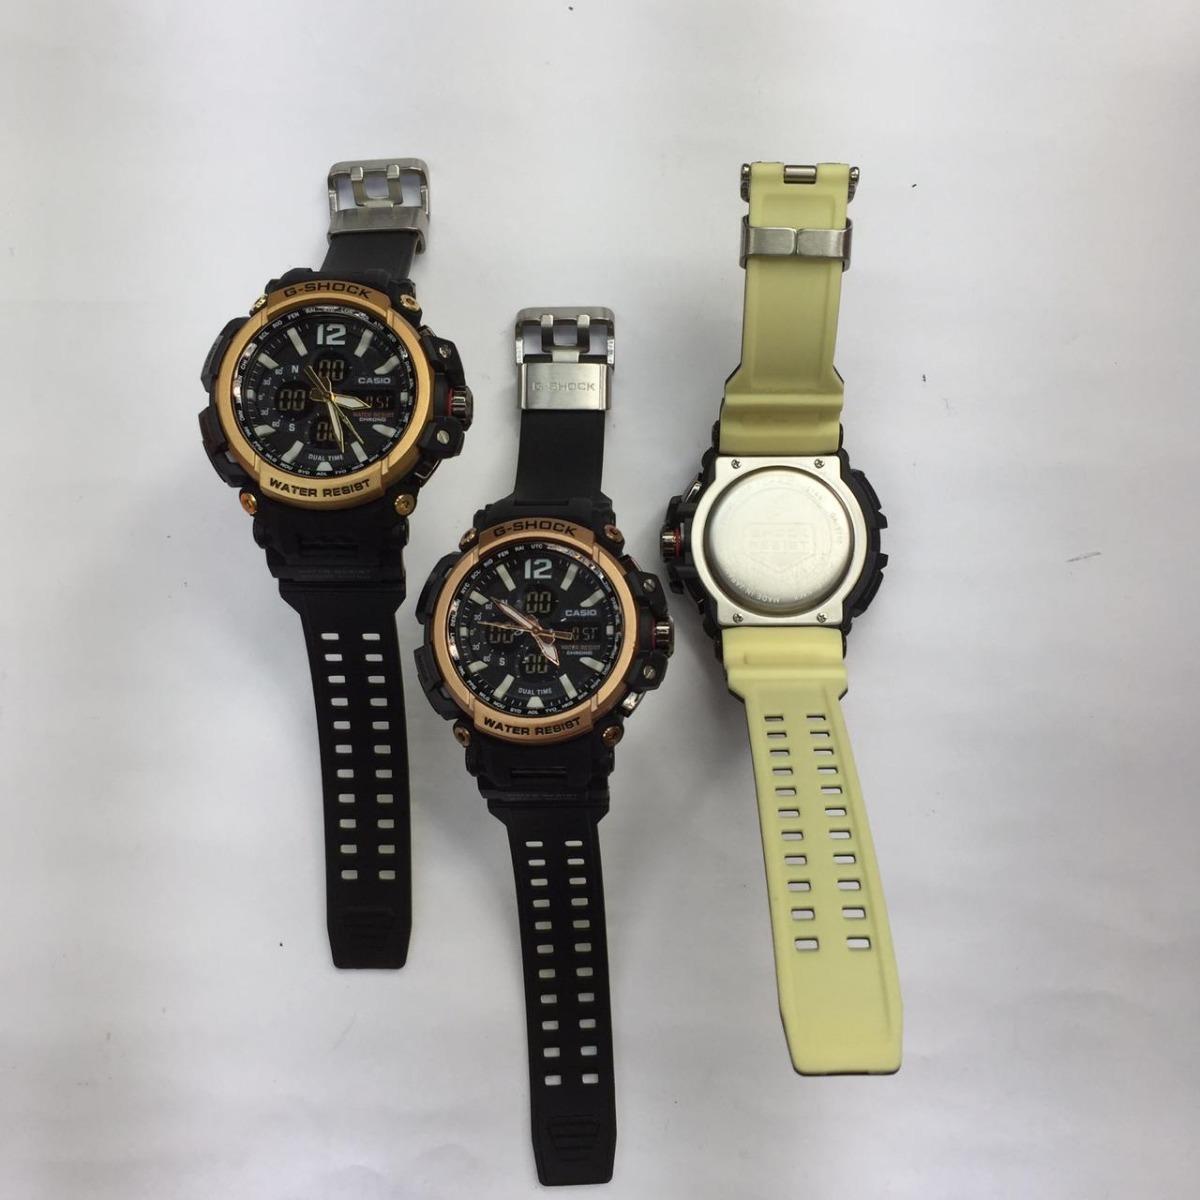 88baacc6273d reloj casio g- shock varios colores analógico digital (c u). Cargando zoom.